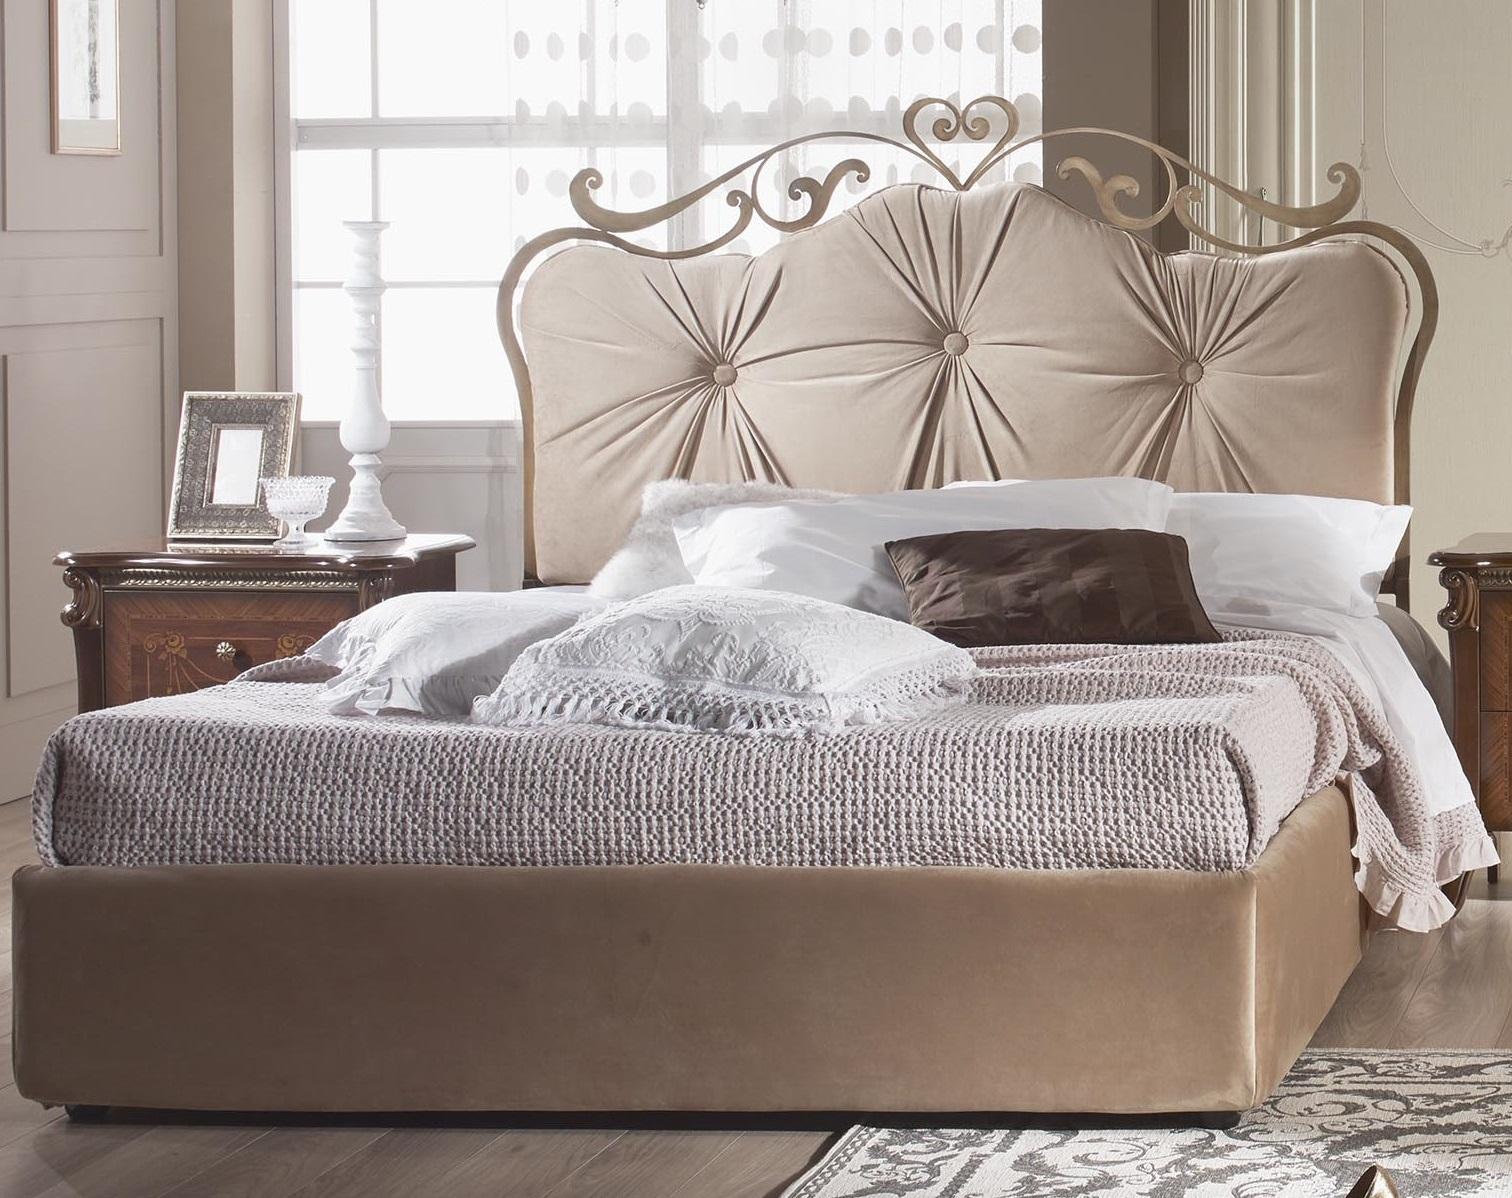 Full Size of Bett 160x200 Compose Ii Mit Stauraum Cm Xp Pflggl216 1 Günstige Betten Bei Ikea Jugend Aus Paletten Kaufen Jugendstil Aufbewahrung Trends überlänge Großes Bett Bett 160x200